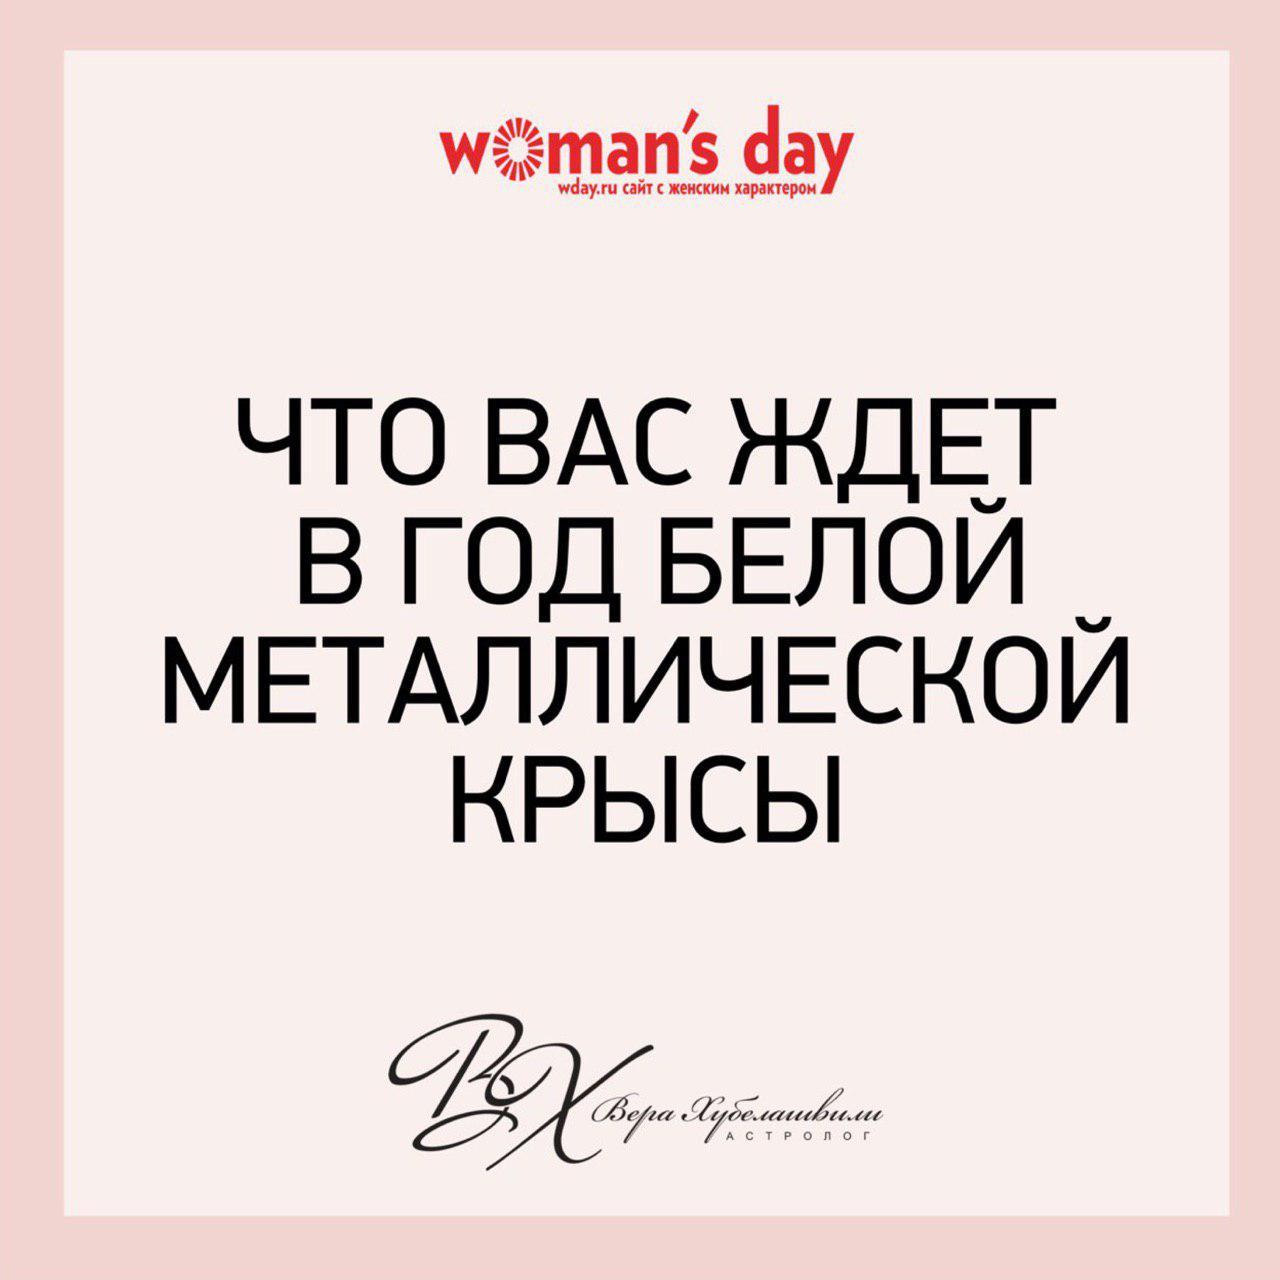 ЧТО ЖДЕТ КАЖДЫЙ ИЗ ЗНАКОВ ЗОДИАКА В ГОД БЕЛОЙ МЕТАЛЛИЧЕСКОЙ КРЫСЫ ( wday.ru )